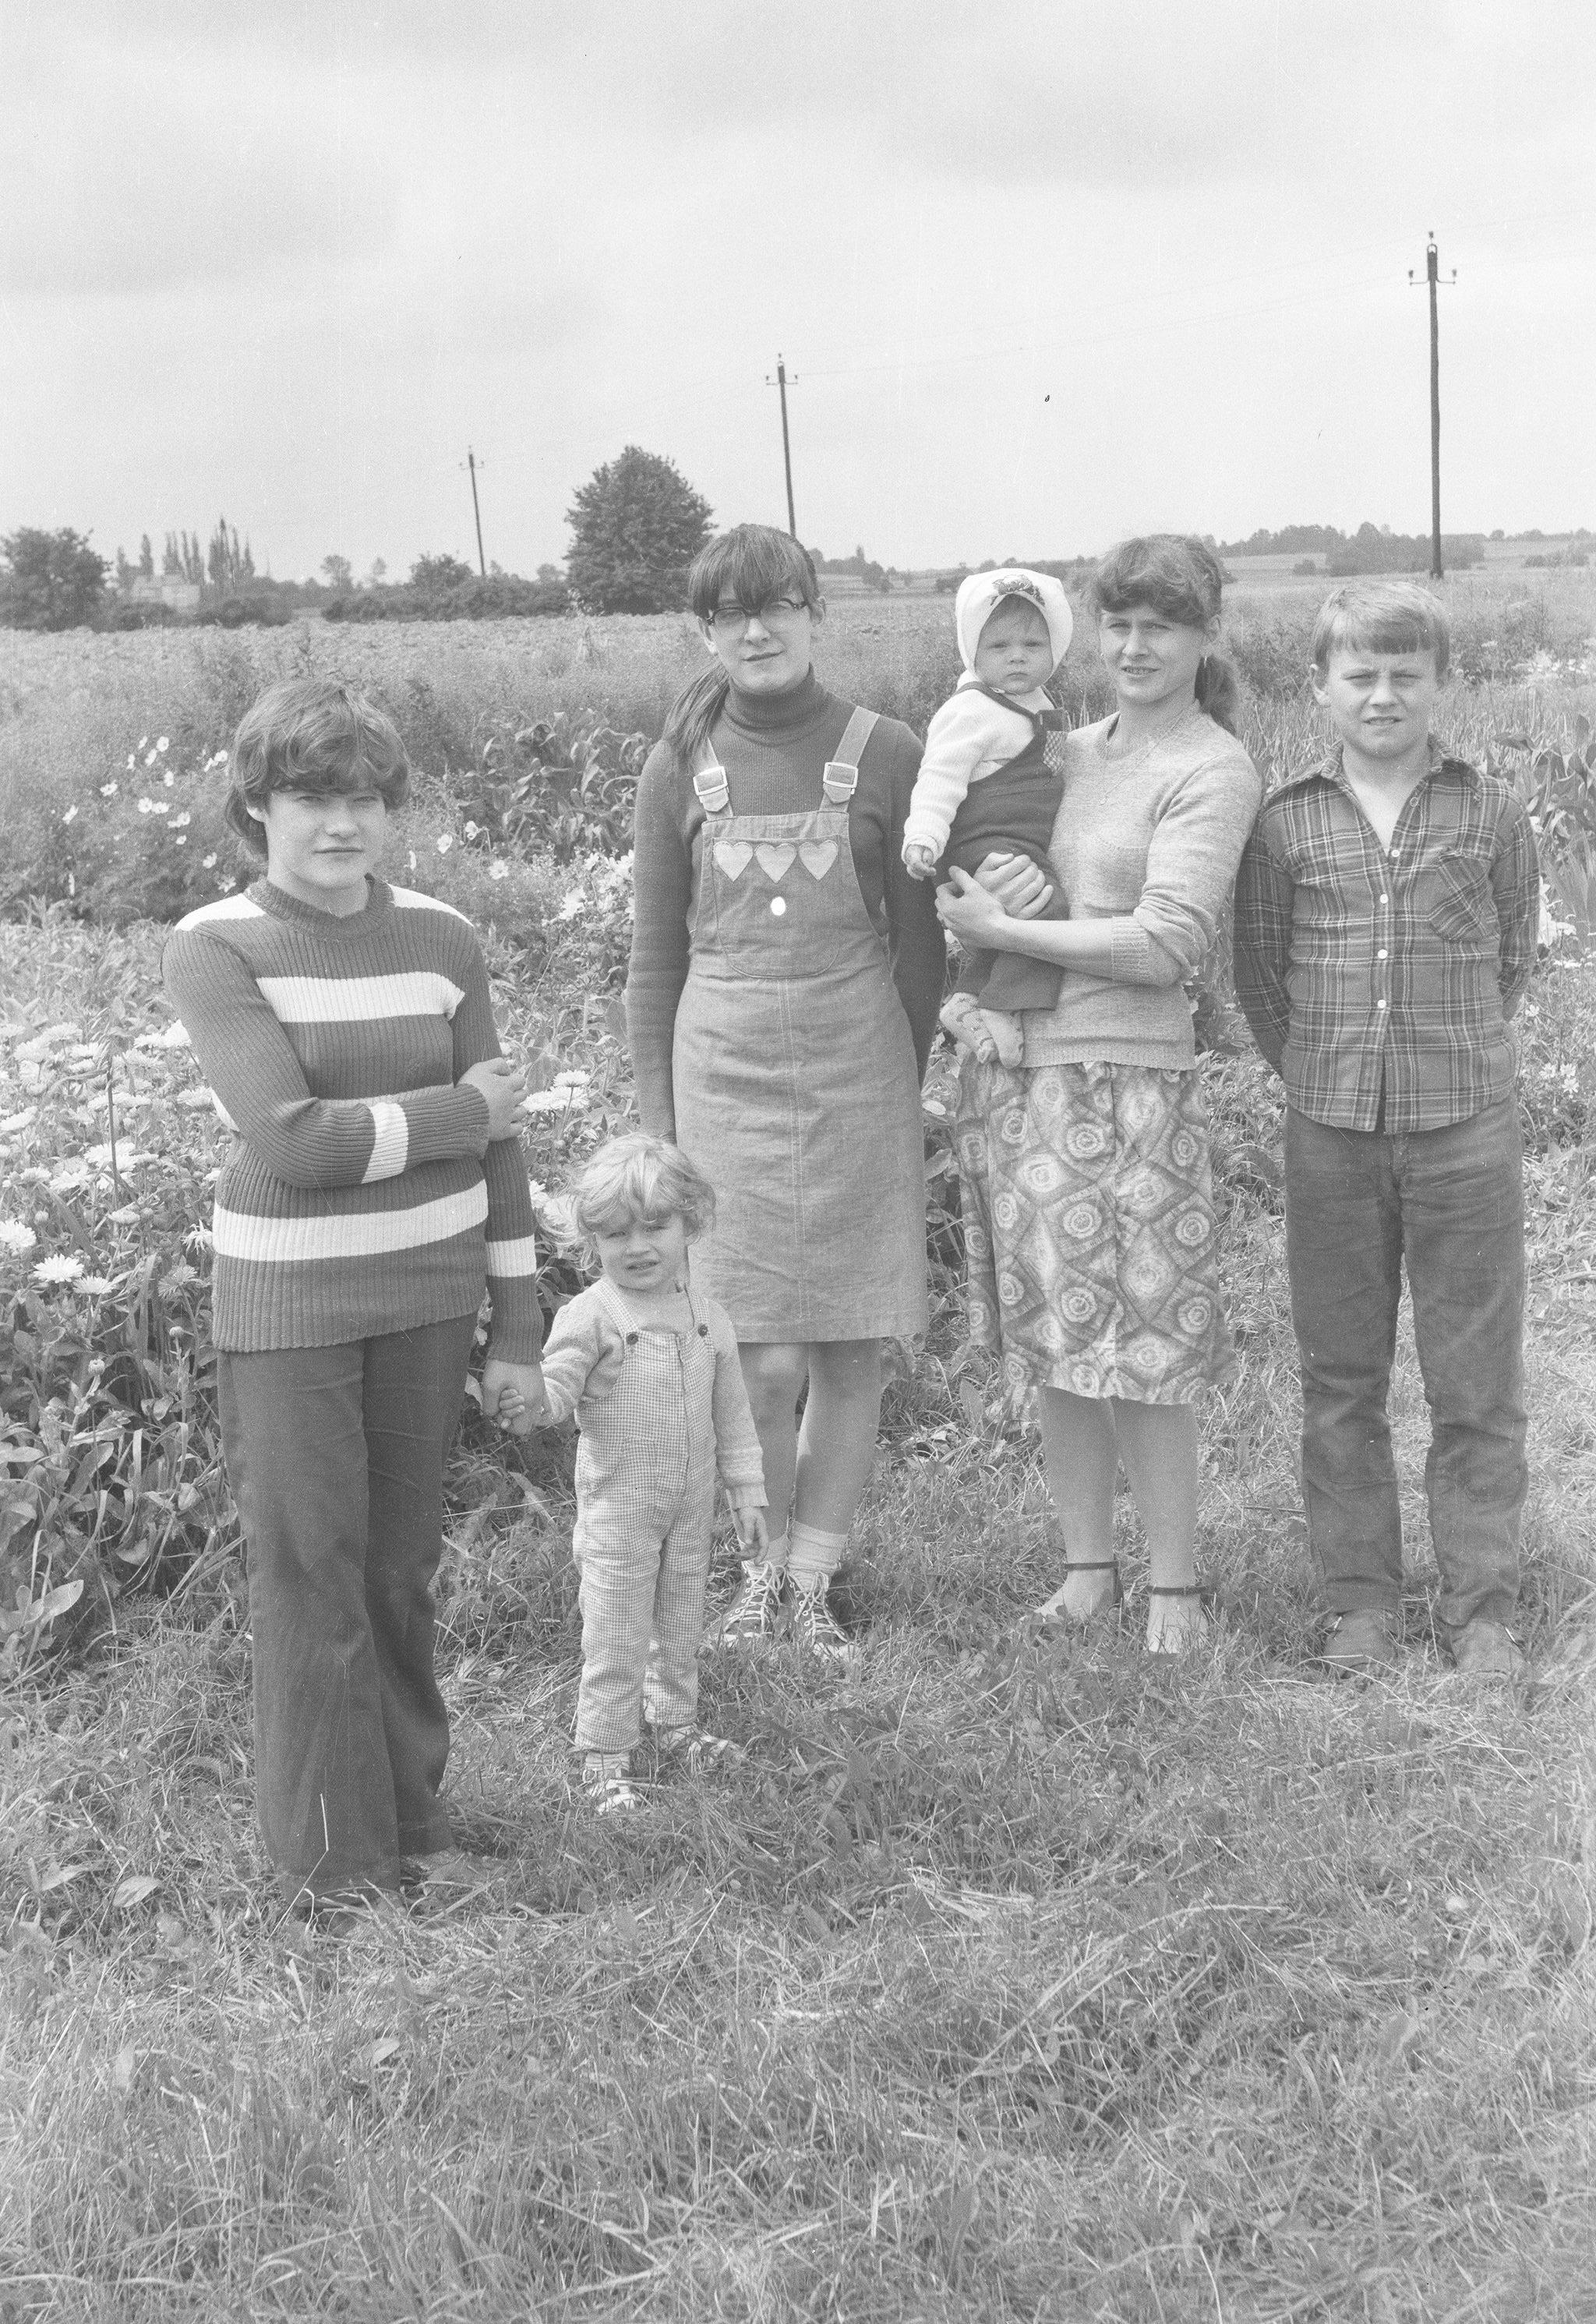 Dzieci i wnuki Barbary i Augustyna Czyżowiczów, Brzózka, Dolny Śląsk, lata 80. XX w.